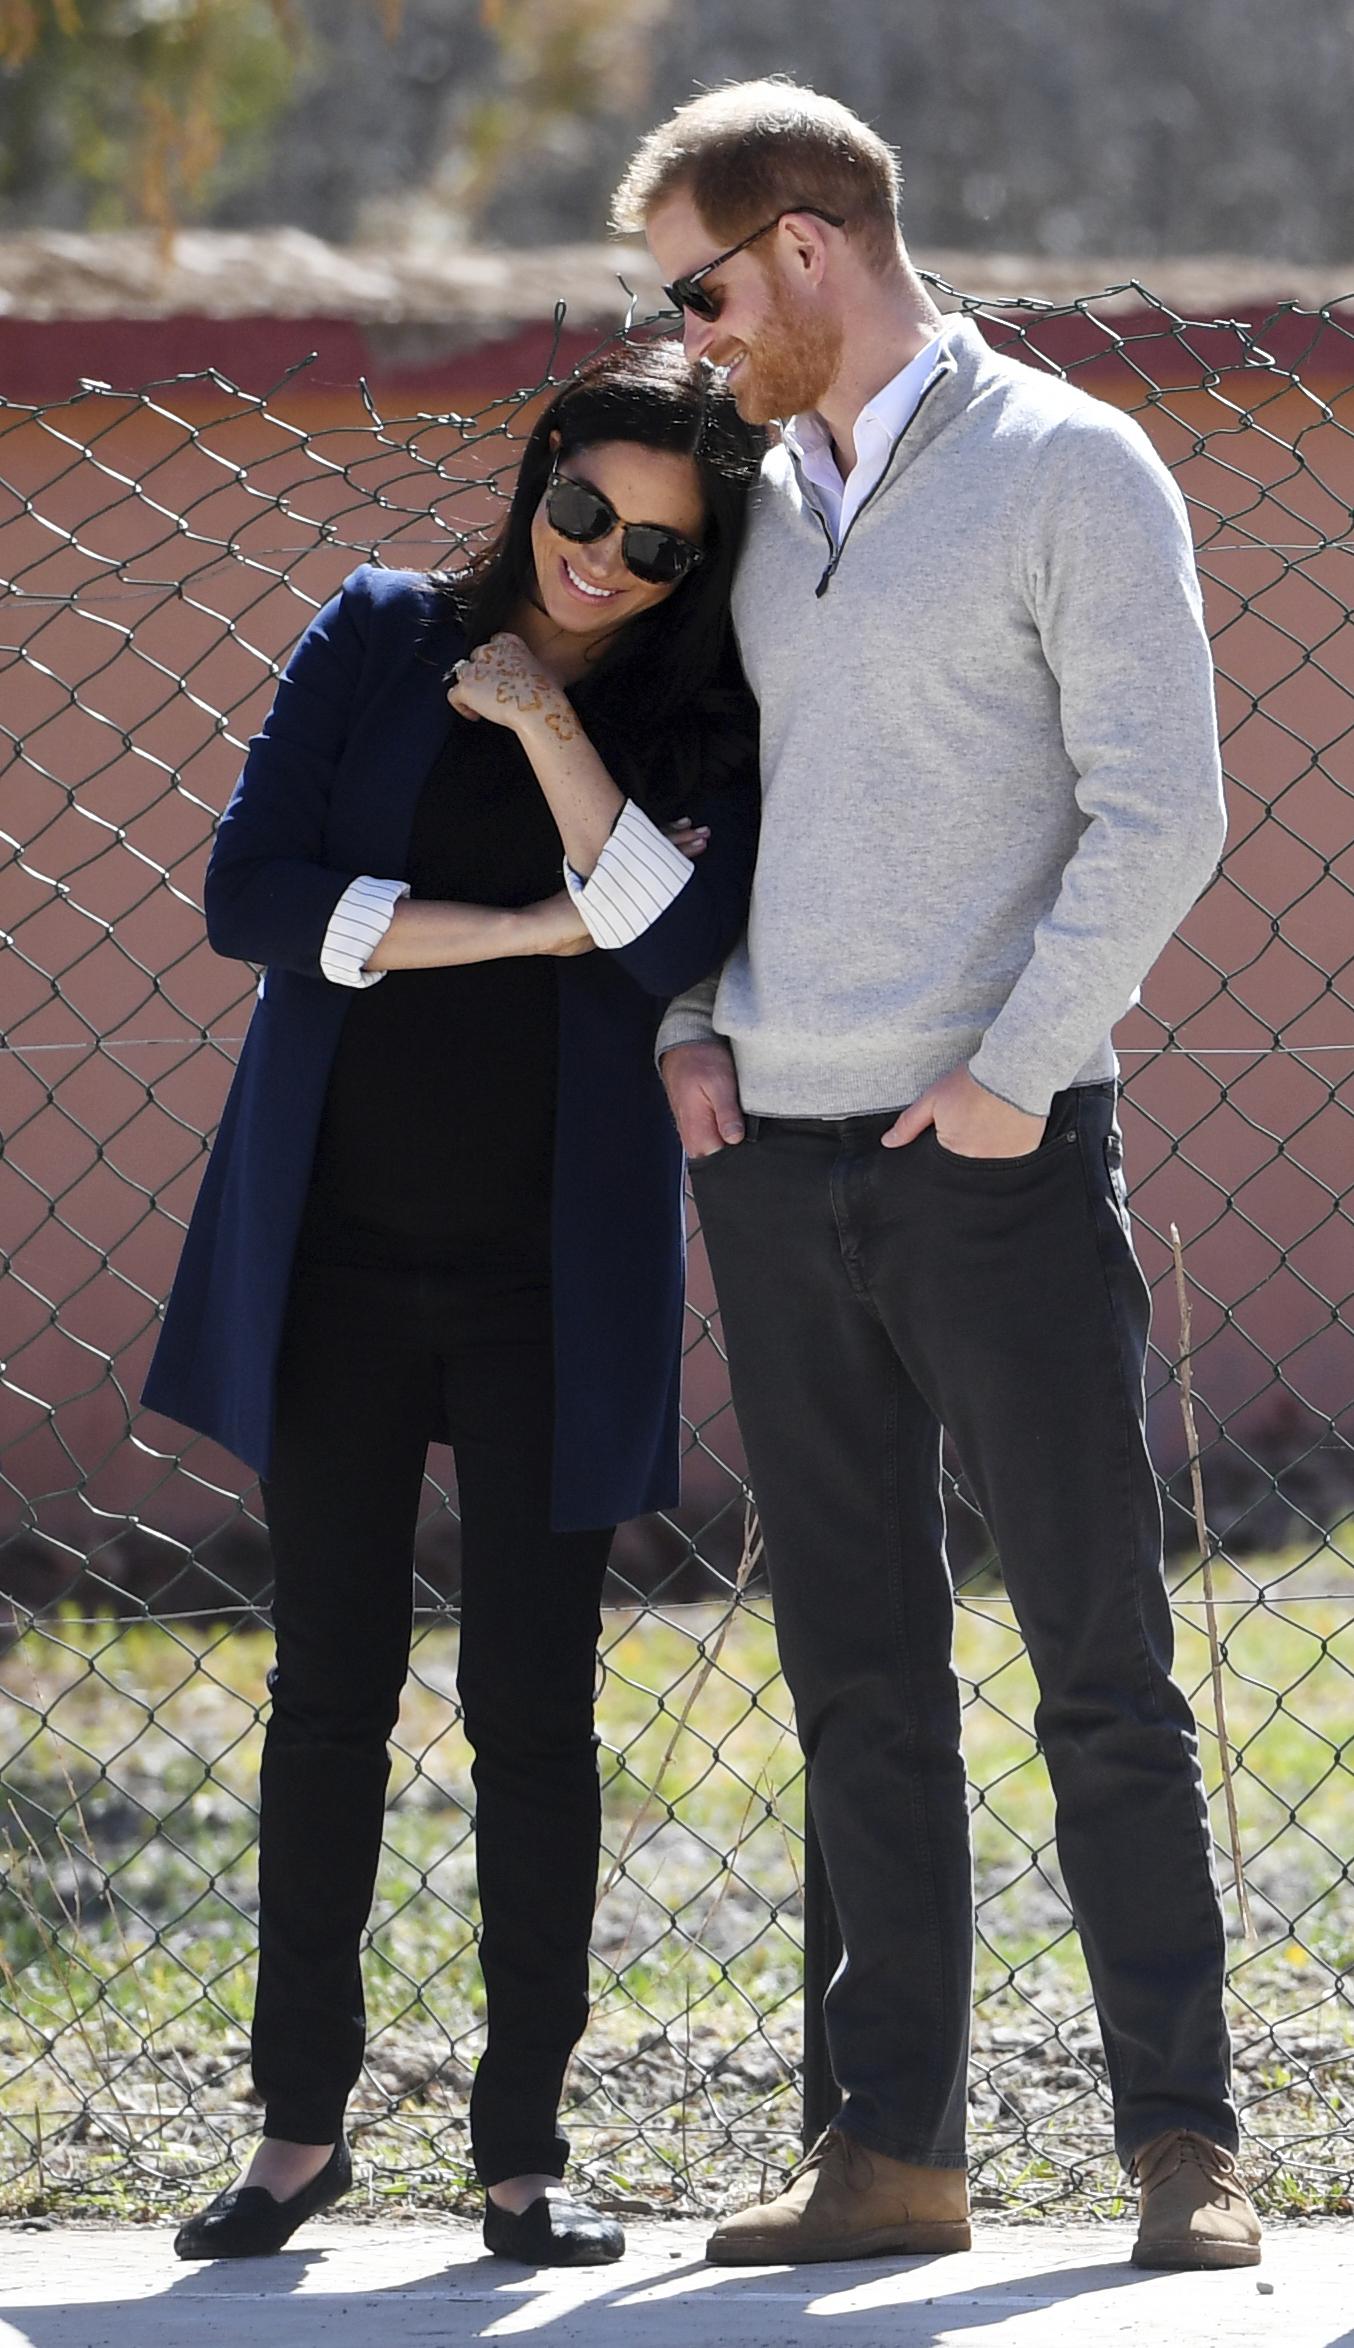 """Para la visita a una escuela en la cordillera del Atlas en Marruecos, la duquesa se cubrió del frío con una chaqueta azul marino que combinó con camisa, pantalón y zapatos """"flat"""" negros. (AP)"""